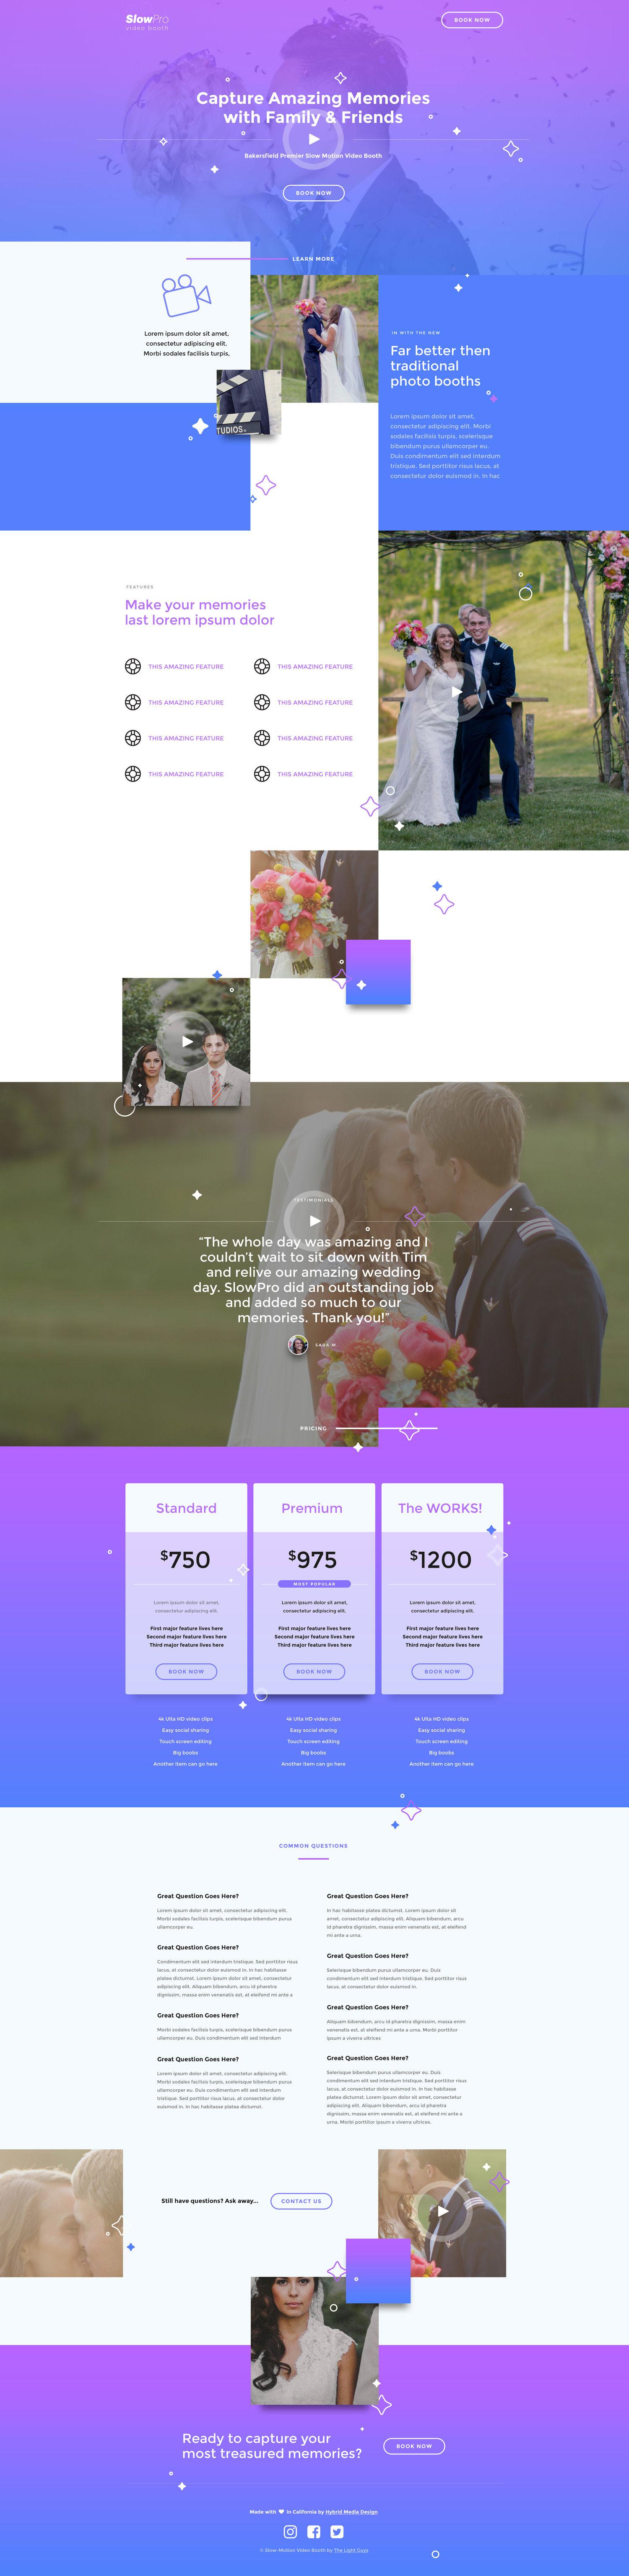 Web Design | SlowPro (Desktop View)